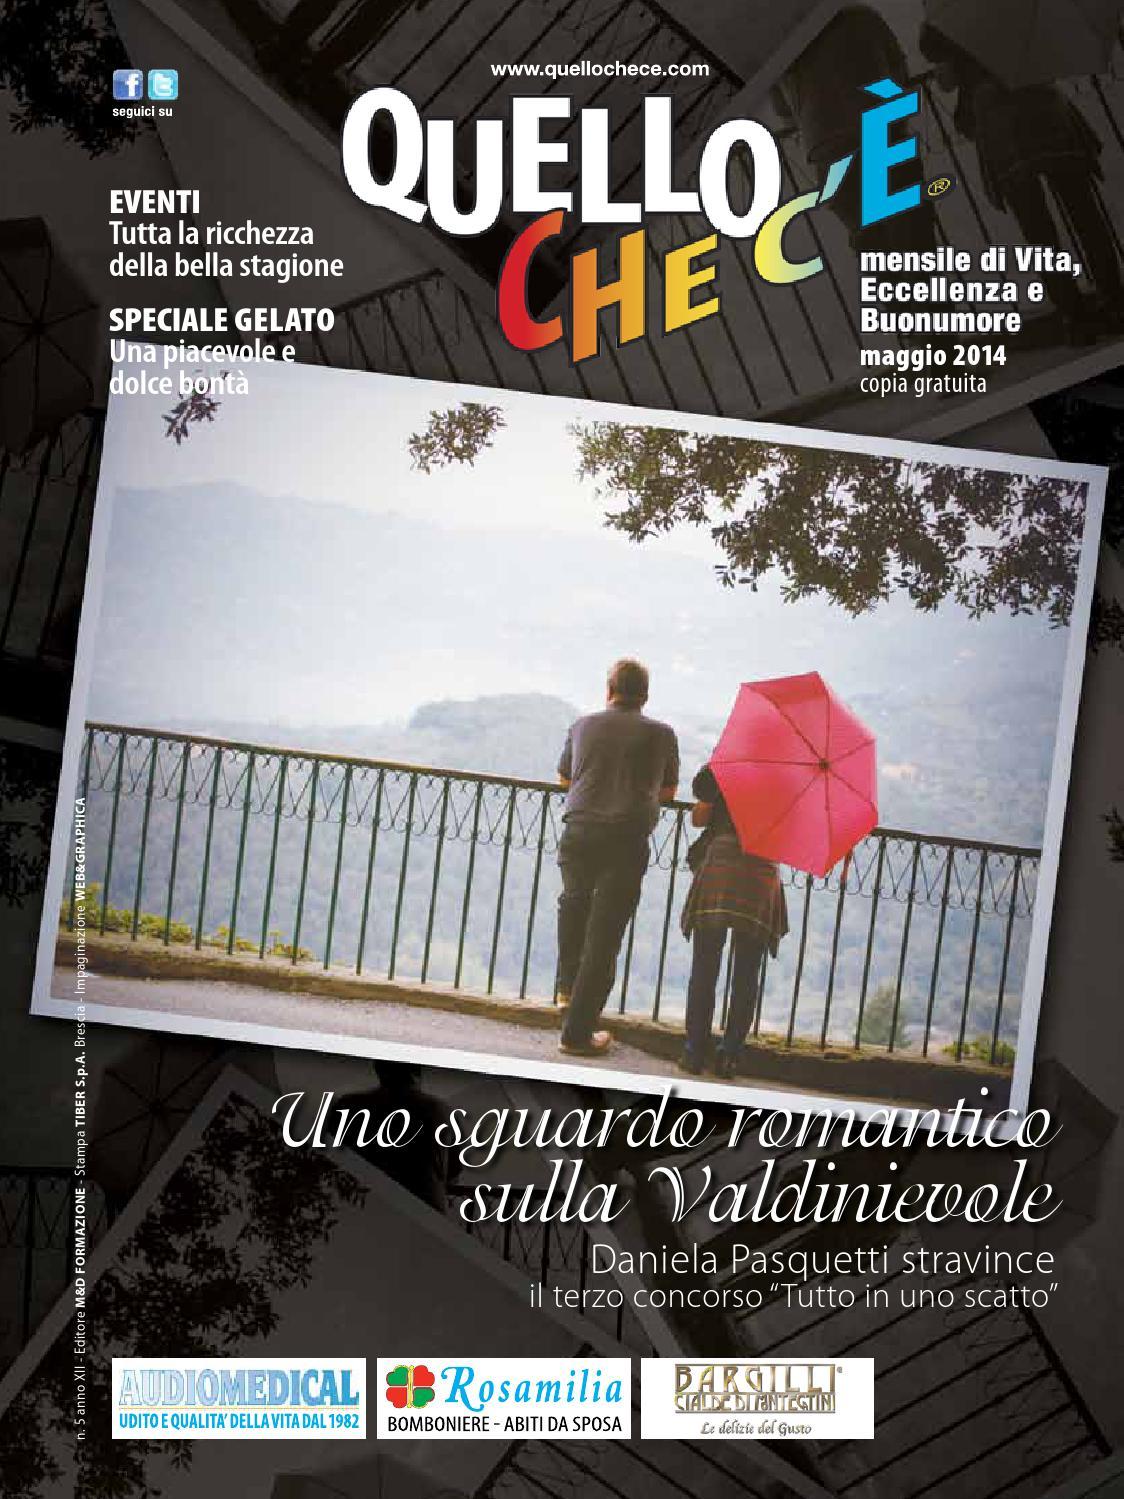 Quello che c è - Maggio 2014 by quellochece.com - issuu 065b5d85080